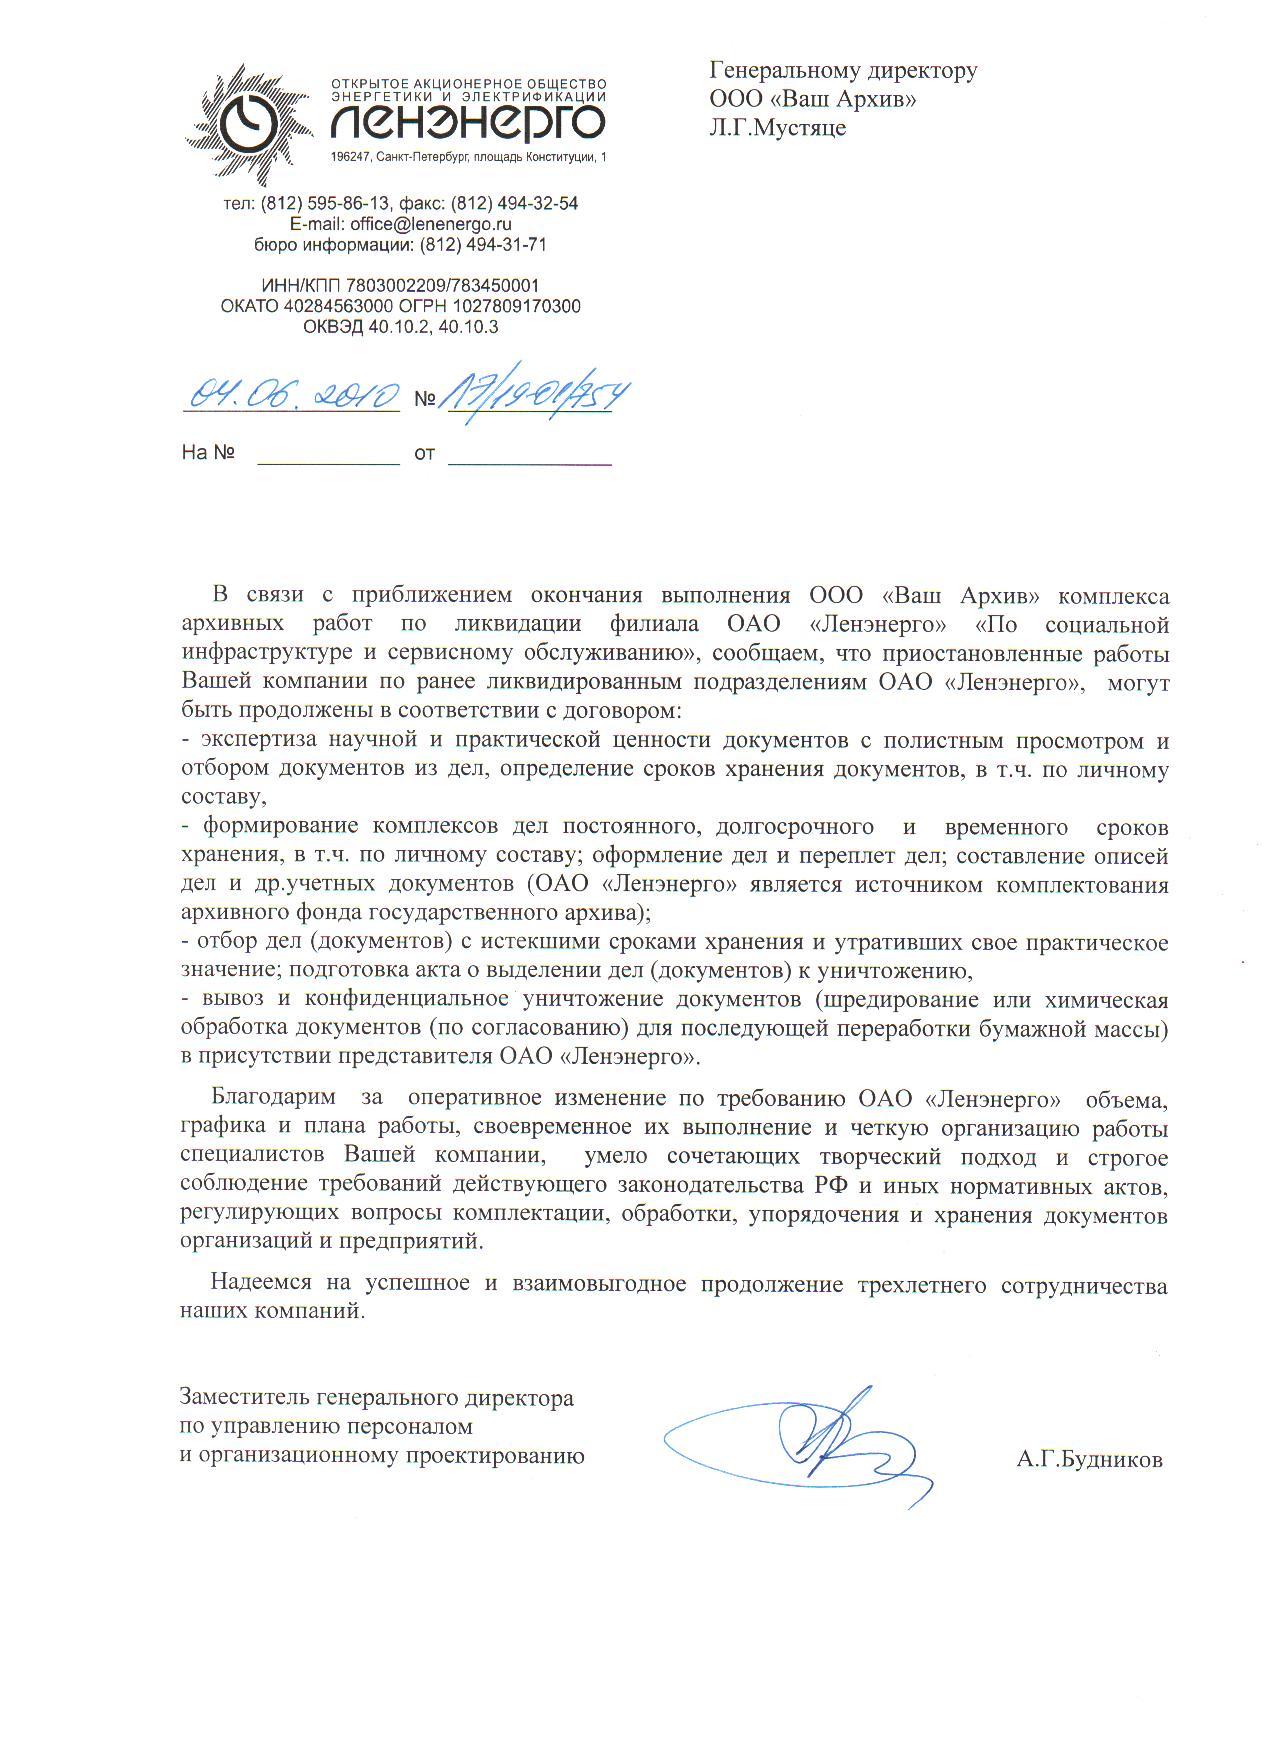 ЛЕНЭНЕРГО